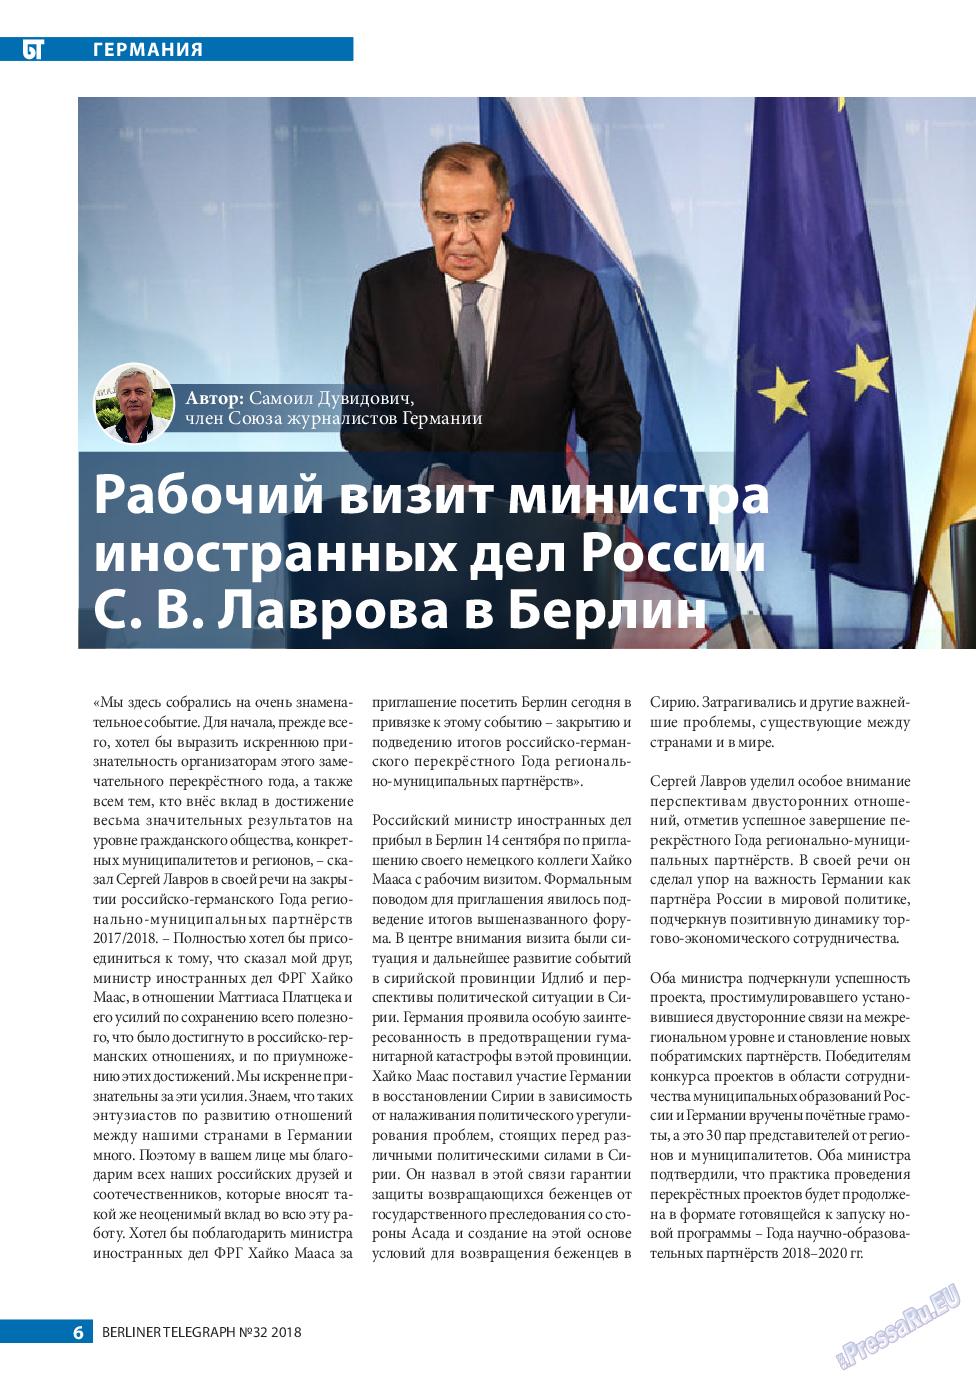 Берлинский телеграф (журнал). 2018 год, номер 32, стр. 6